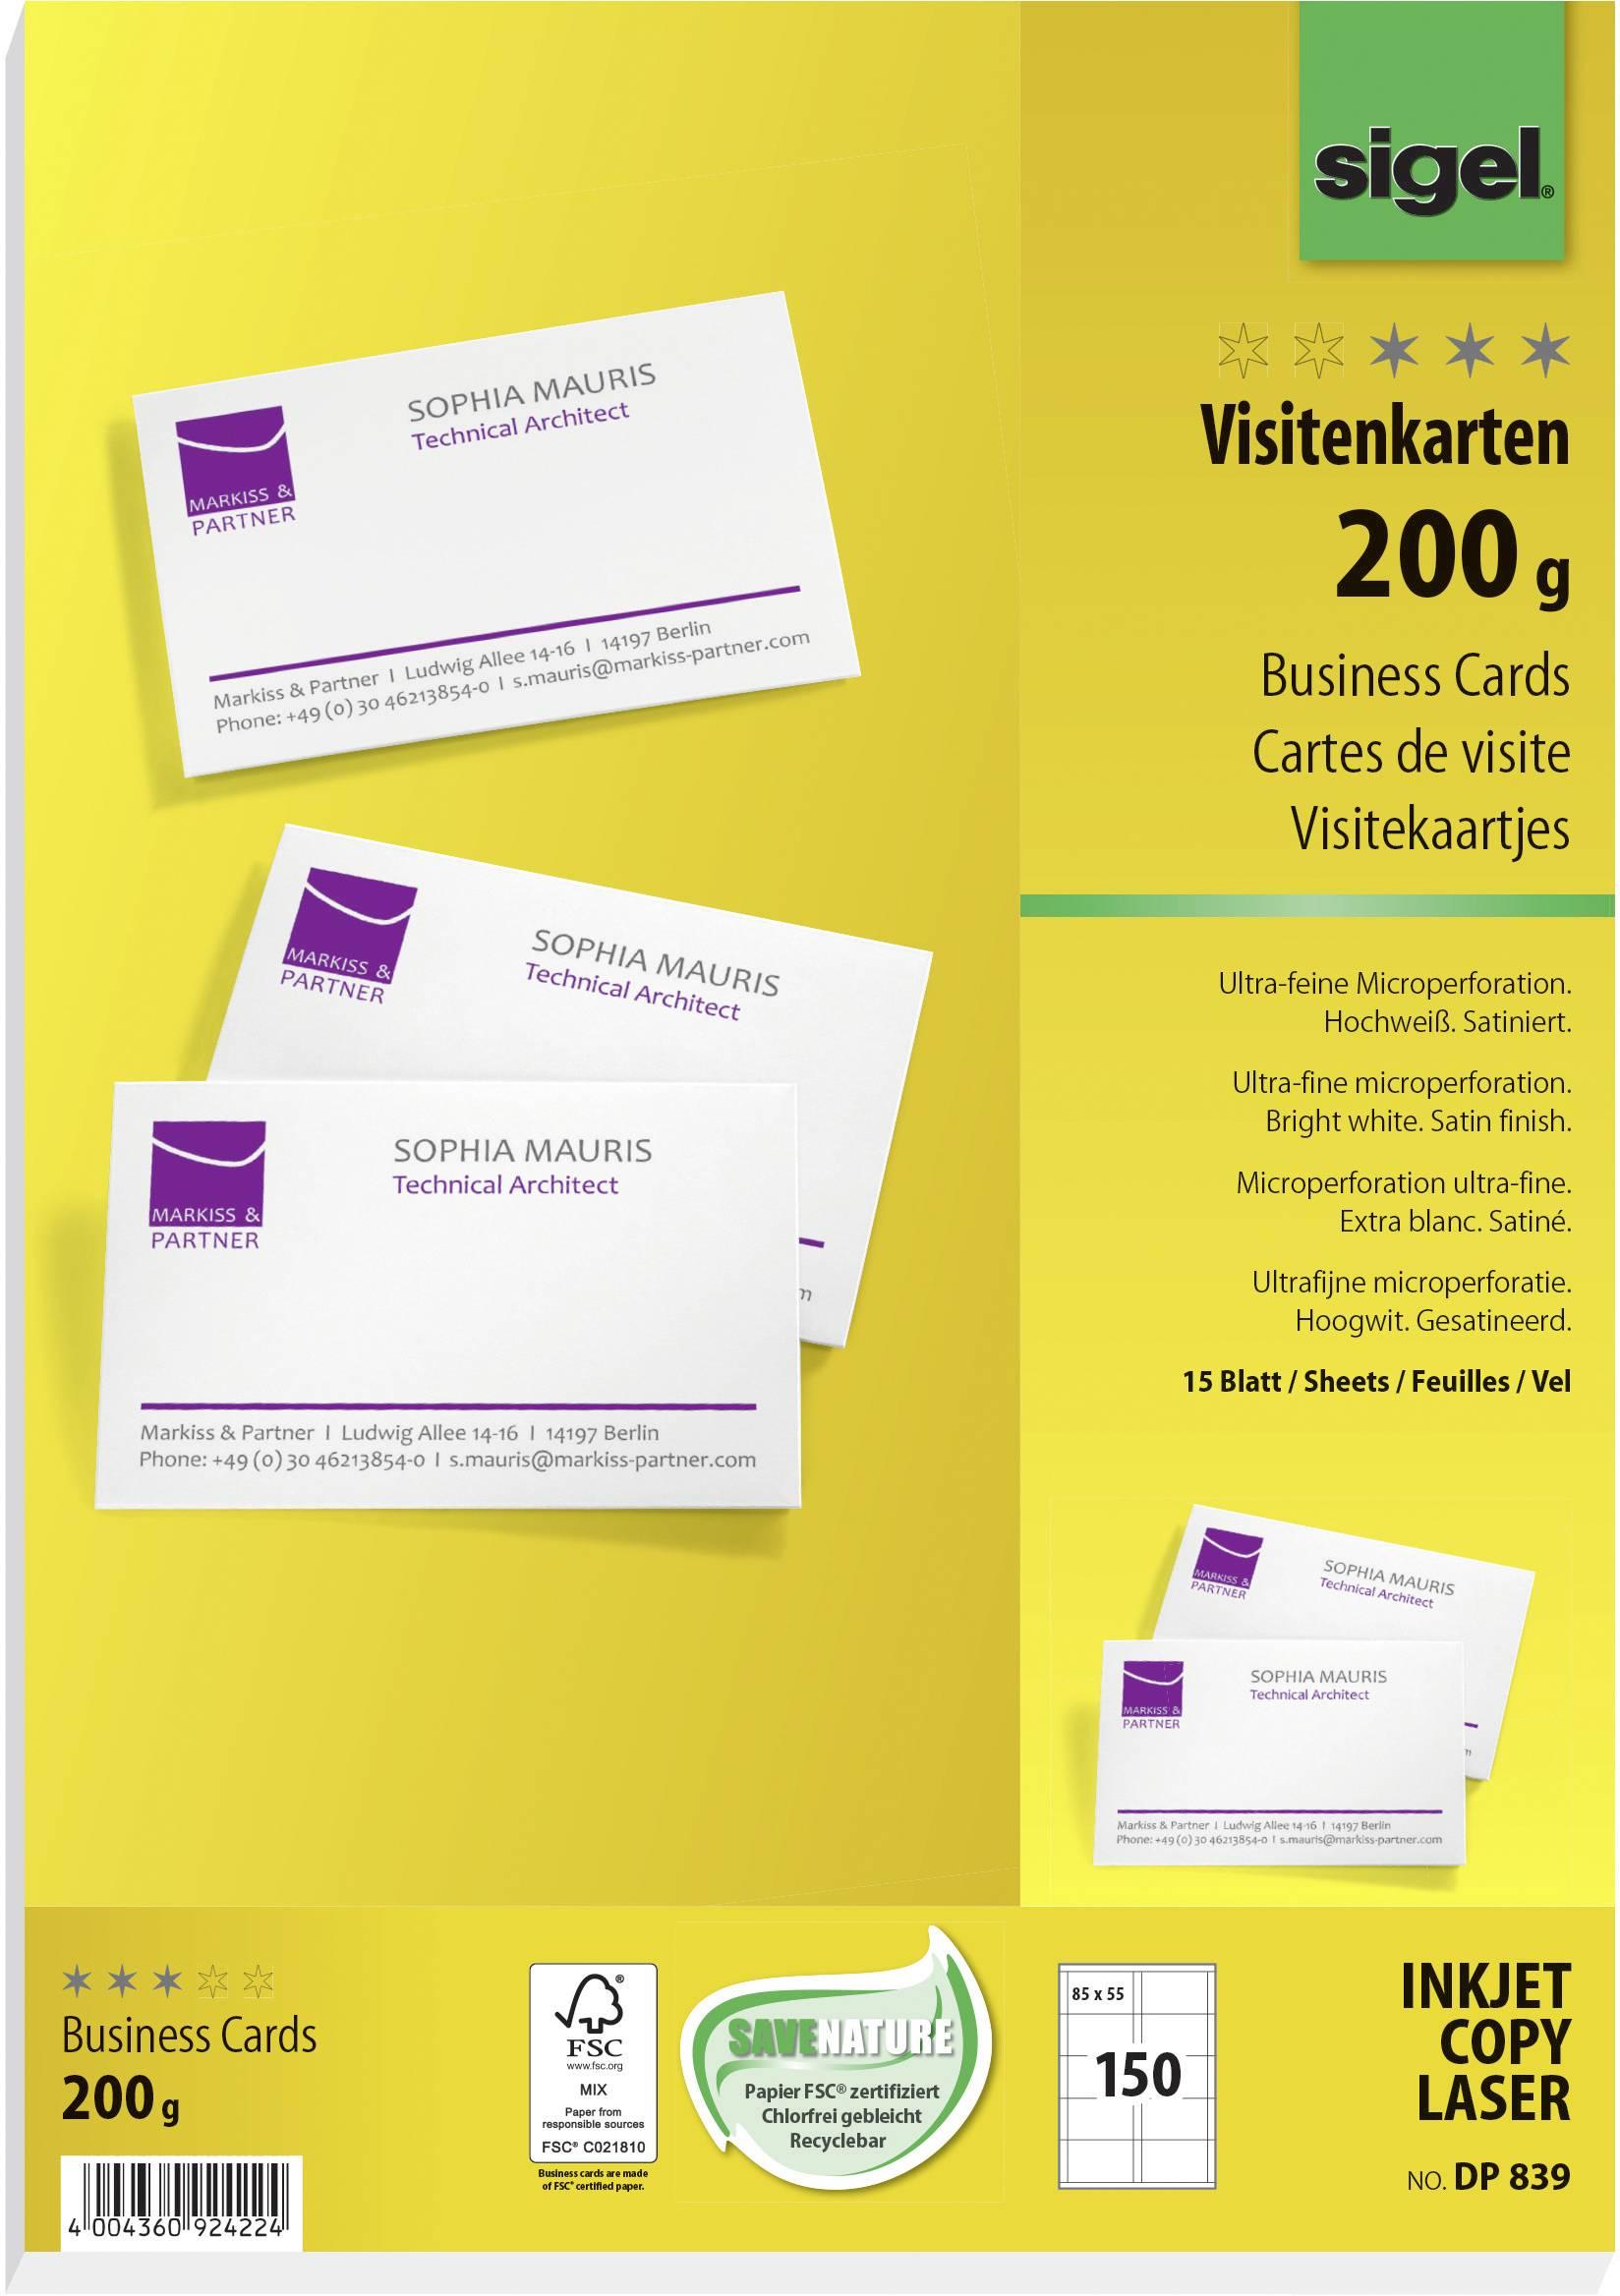 Sigel Dp839 Bedruckbare Visitenkarten Microperforiert 85 X 55 Mm Hochweiß 150 St Papierformat Din A4